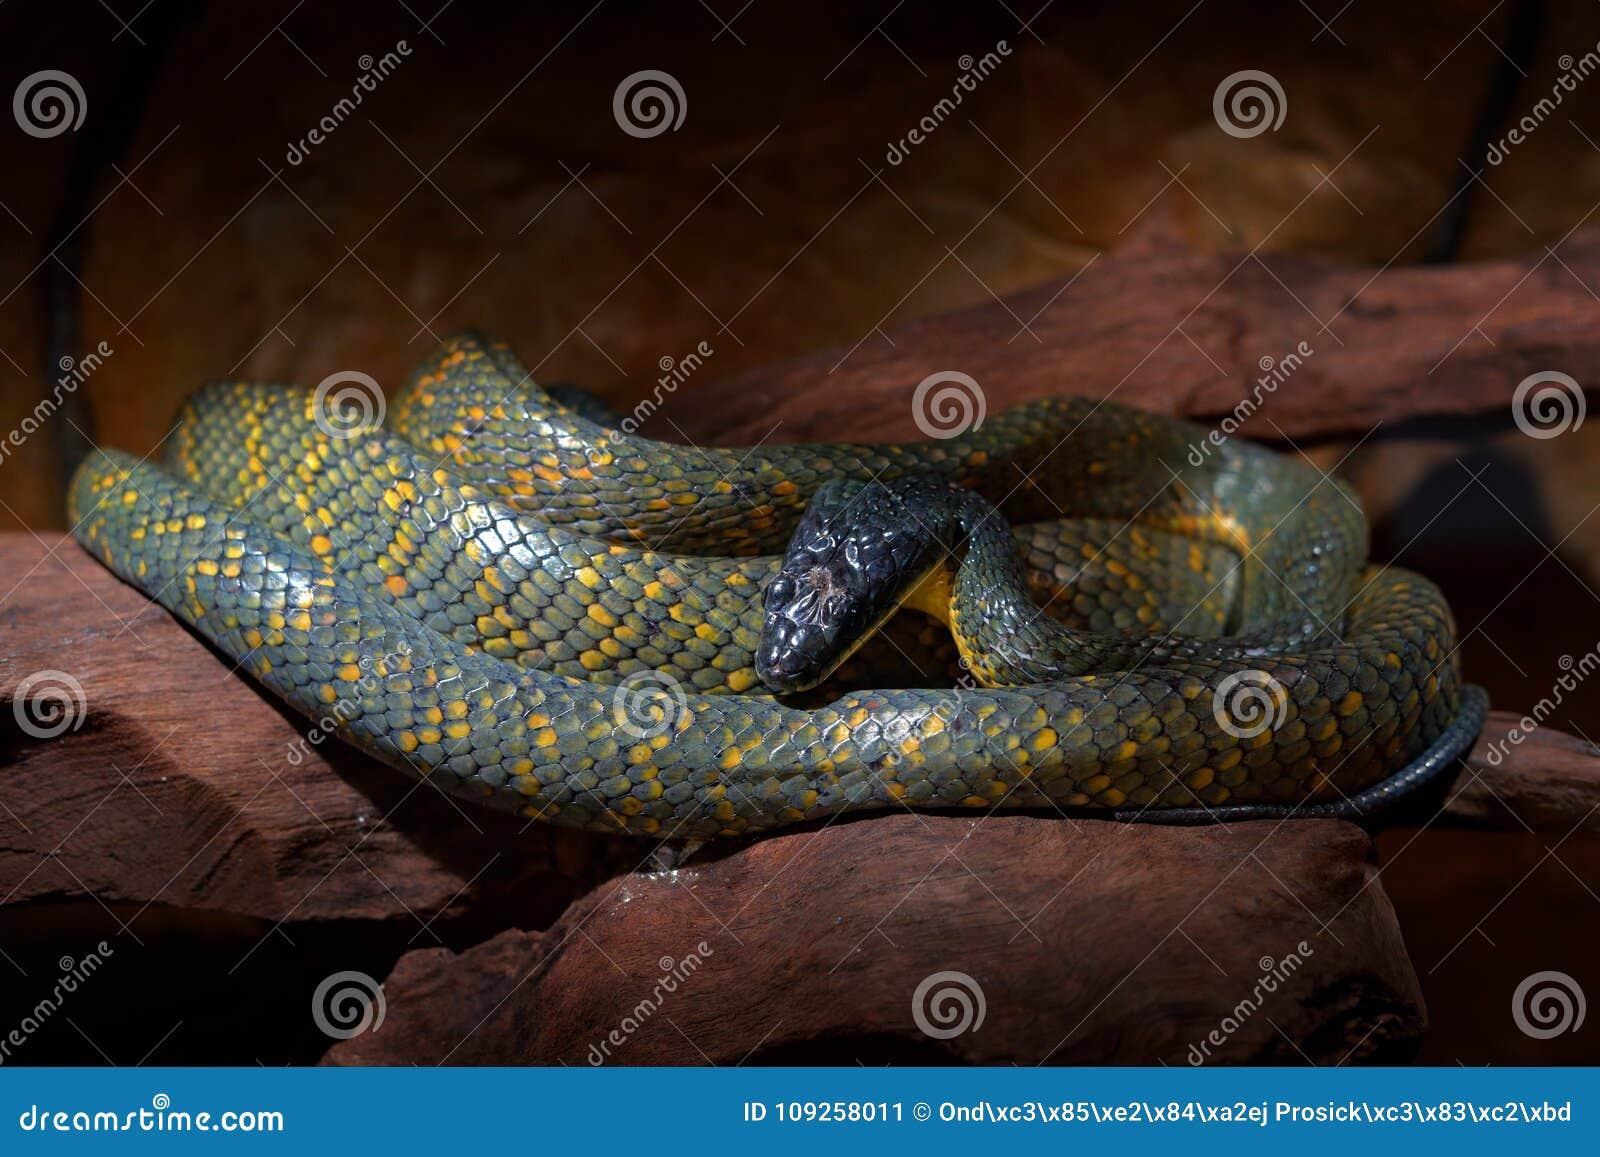 Pustande orm, Pseustes poecilonotus, i mörk livsmiljö Non giftorm i naturlivsmiljön Giftigt djur från södra Ameri